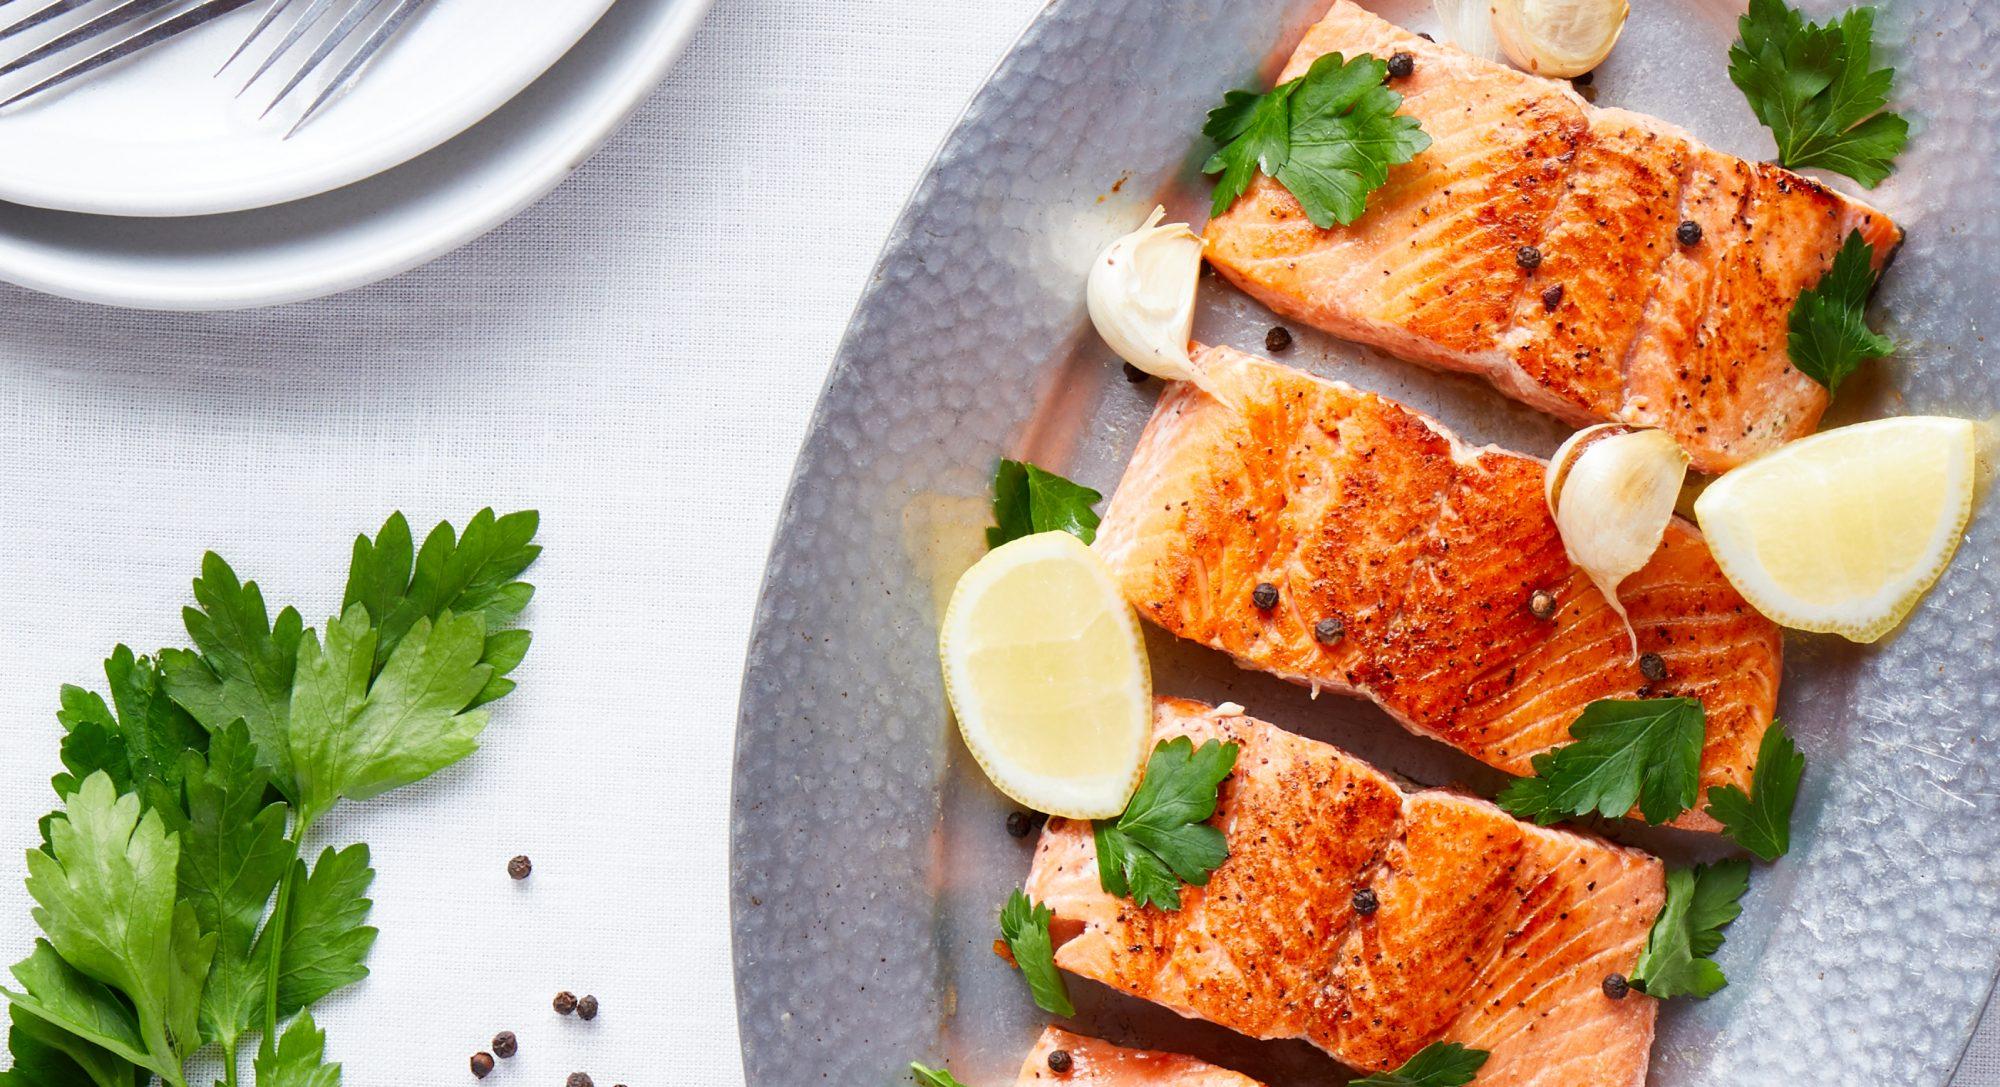 Sautéed Salmon With Garlic-Lemon Sauce Recipe